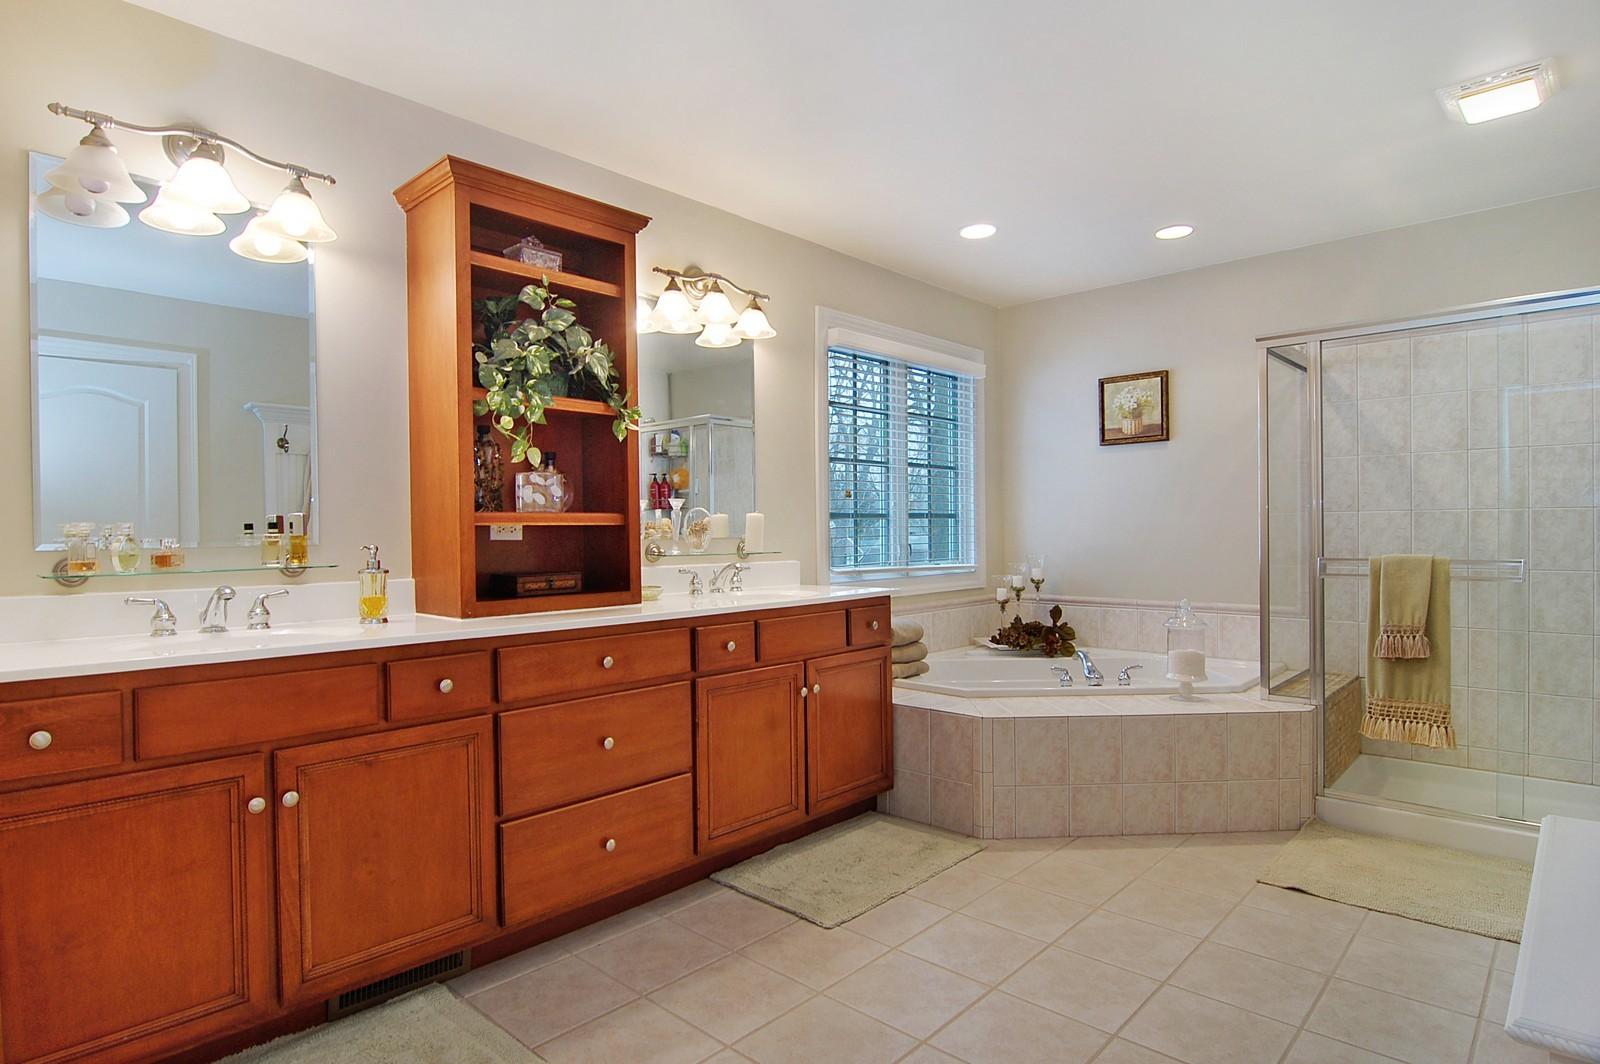 Real Estate Photography - 203 E. Lincoln, Wheaton, IL, 60187 - Master Bathroom